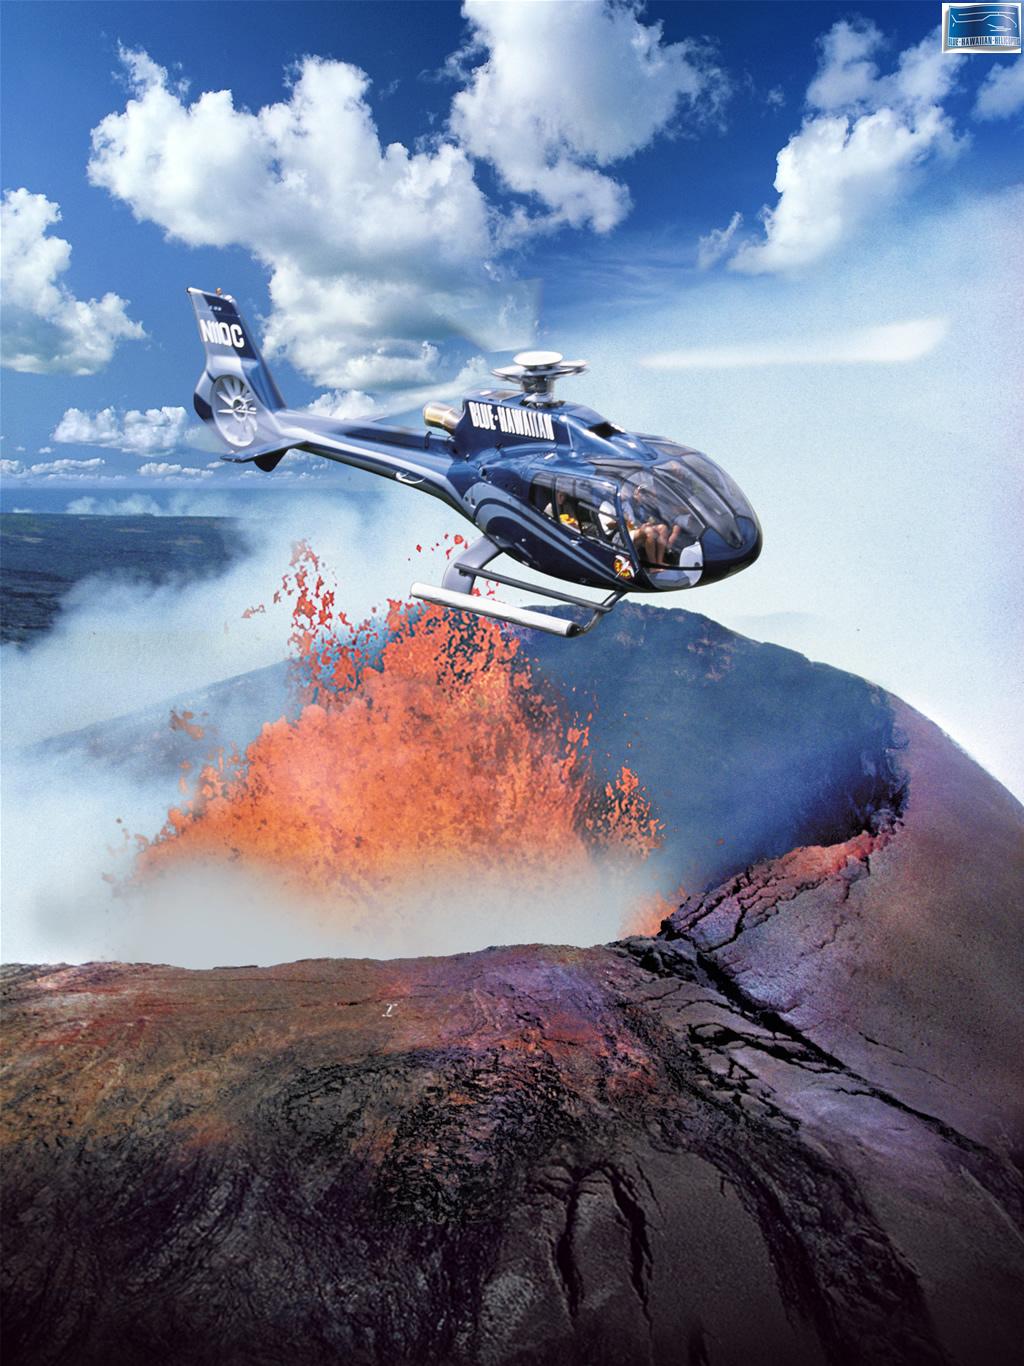 ハワイの壁紙 ブルーハワイアンヘリコプターズ ハワイ島3